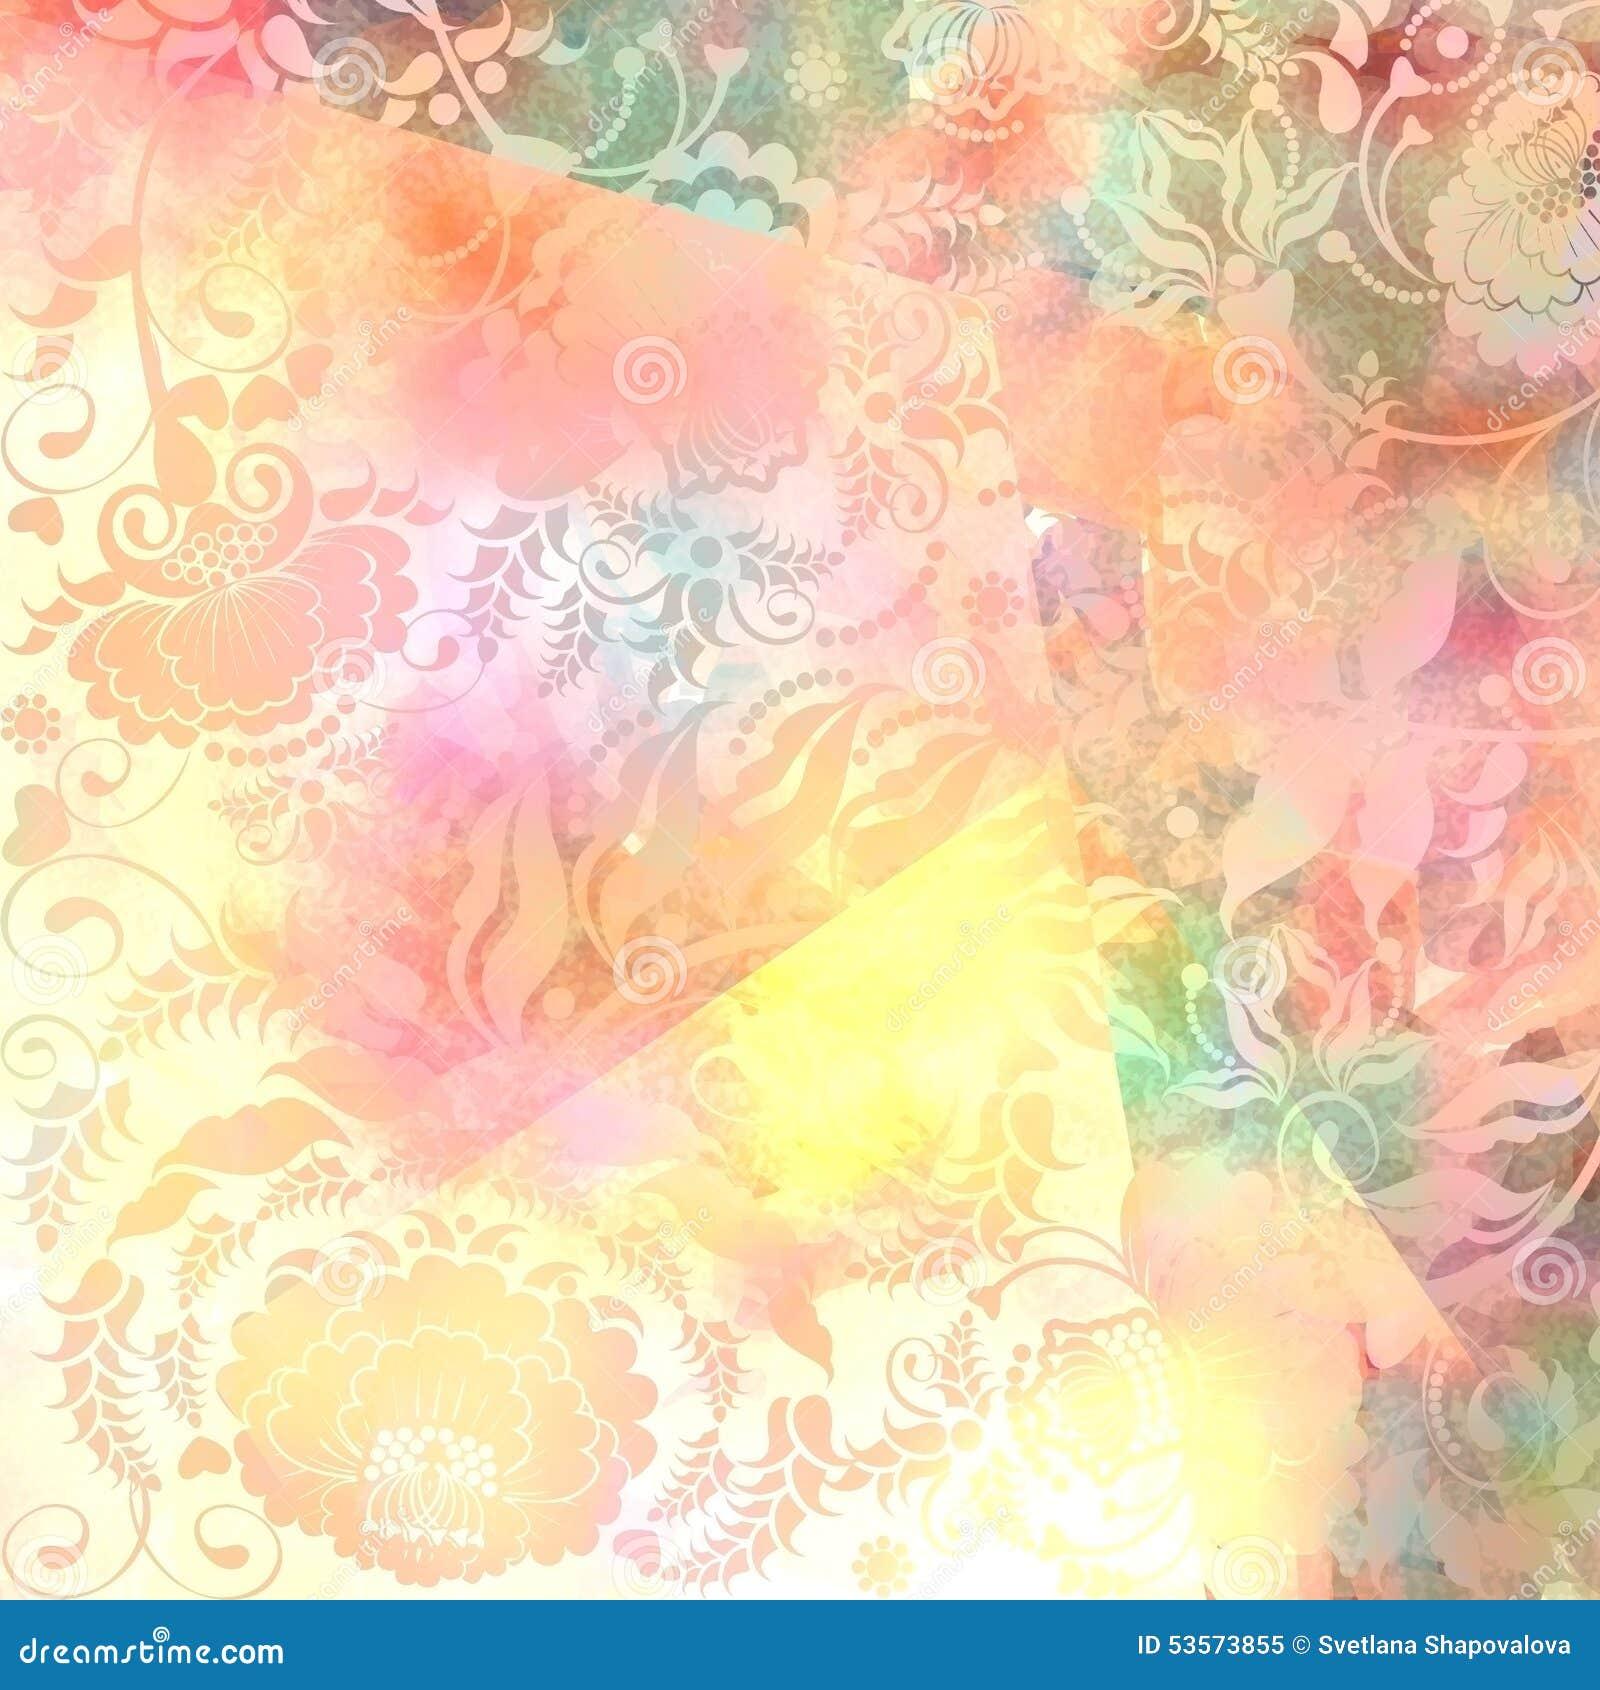 blumenmuster rosa grauer pastell gef rbt hintergrund stock abbildung bild 53573855. Black Bedroom Furniture Sets. Home Design Ideas